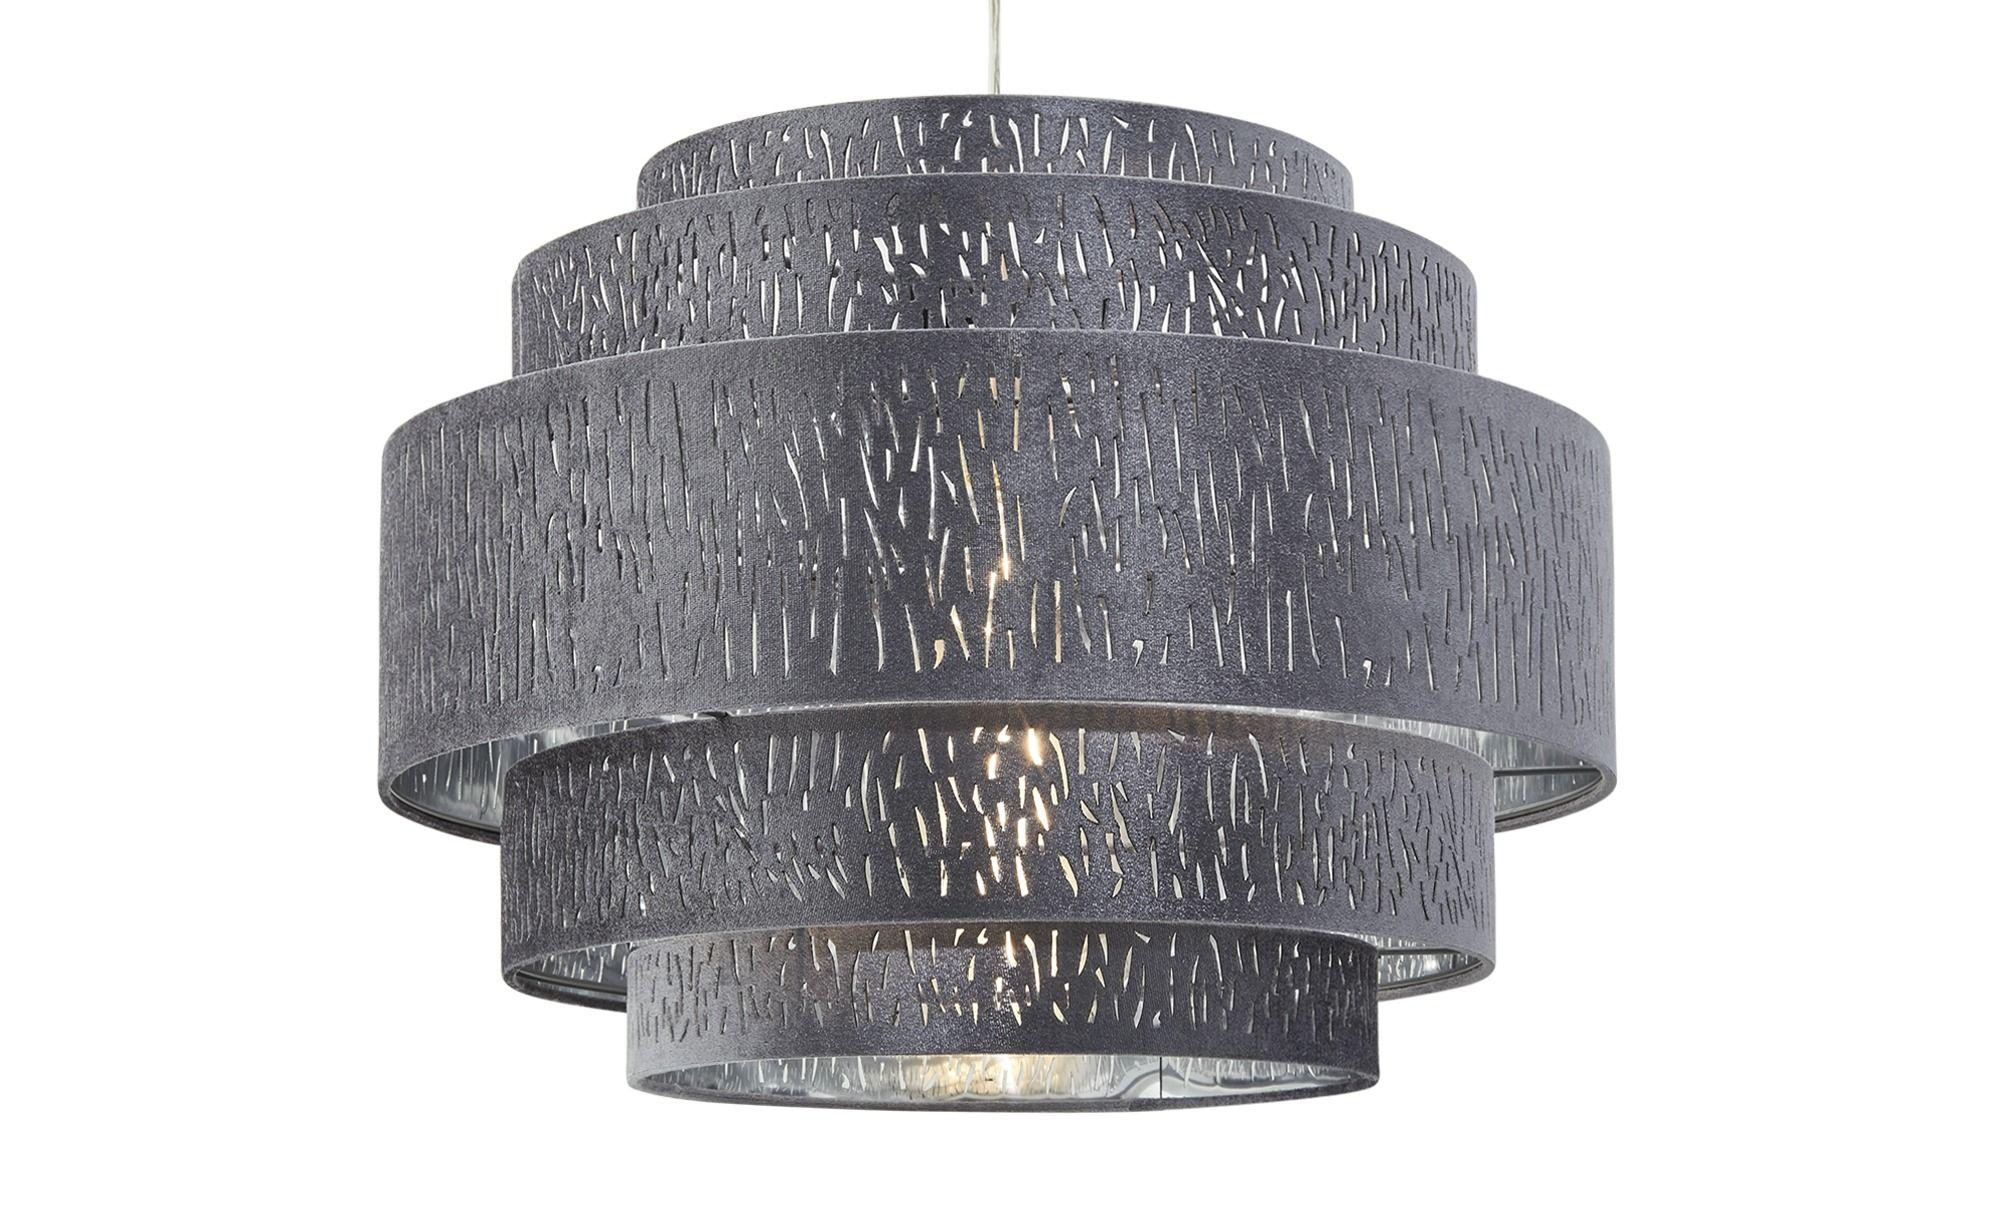 Pendelleuchte 1 Flammig Stoffschirm Grau Silber Silber Masse Cm H 140 O 50 Lampen Leuchten Innenleuchten Pendelleuchten Hoffner Pendelleuchte Lampen Und Leuchten Hangeleuchte